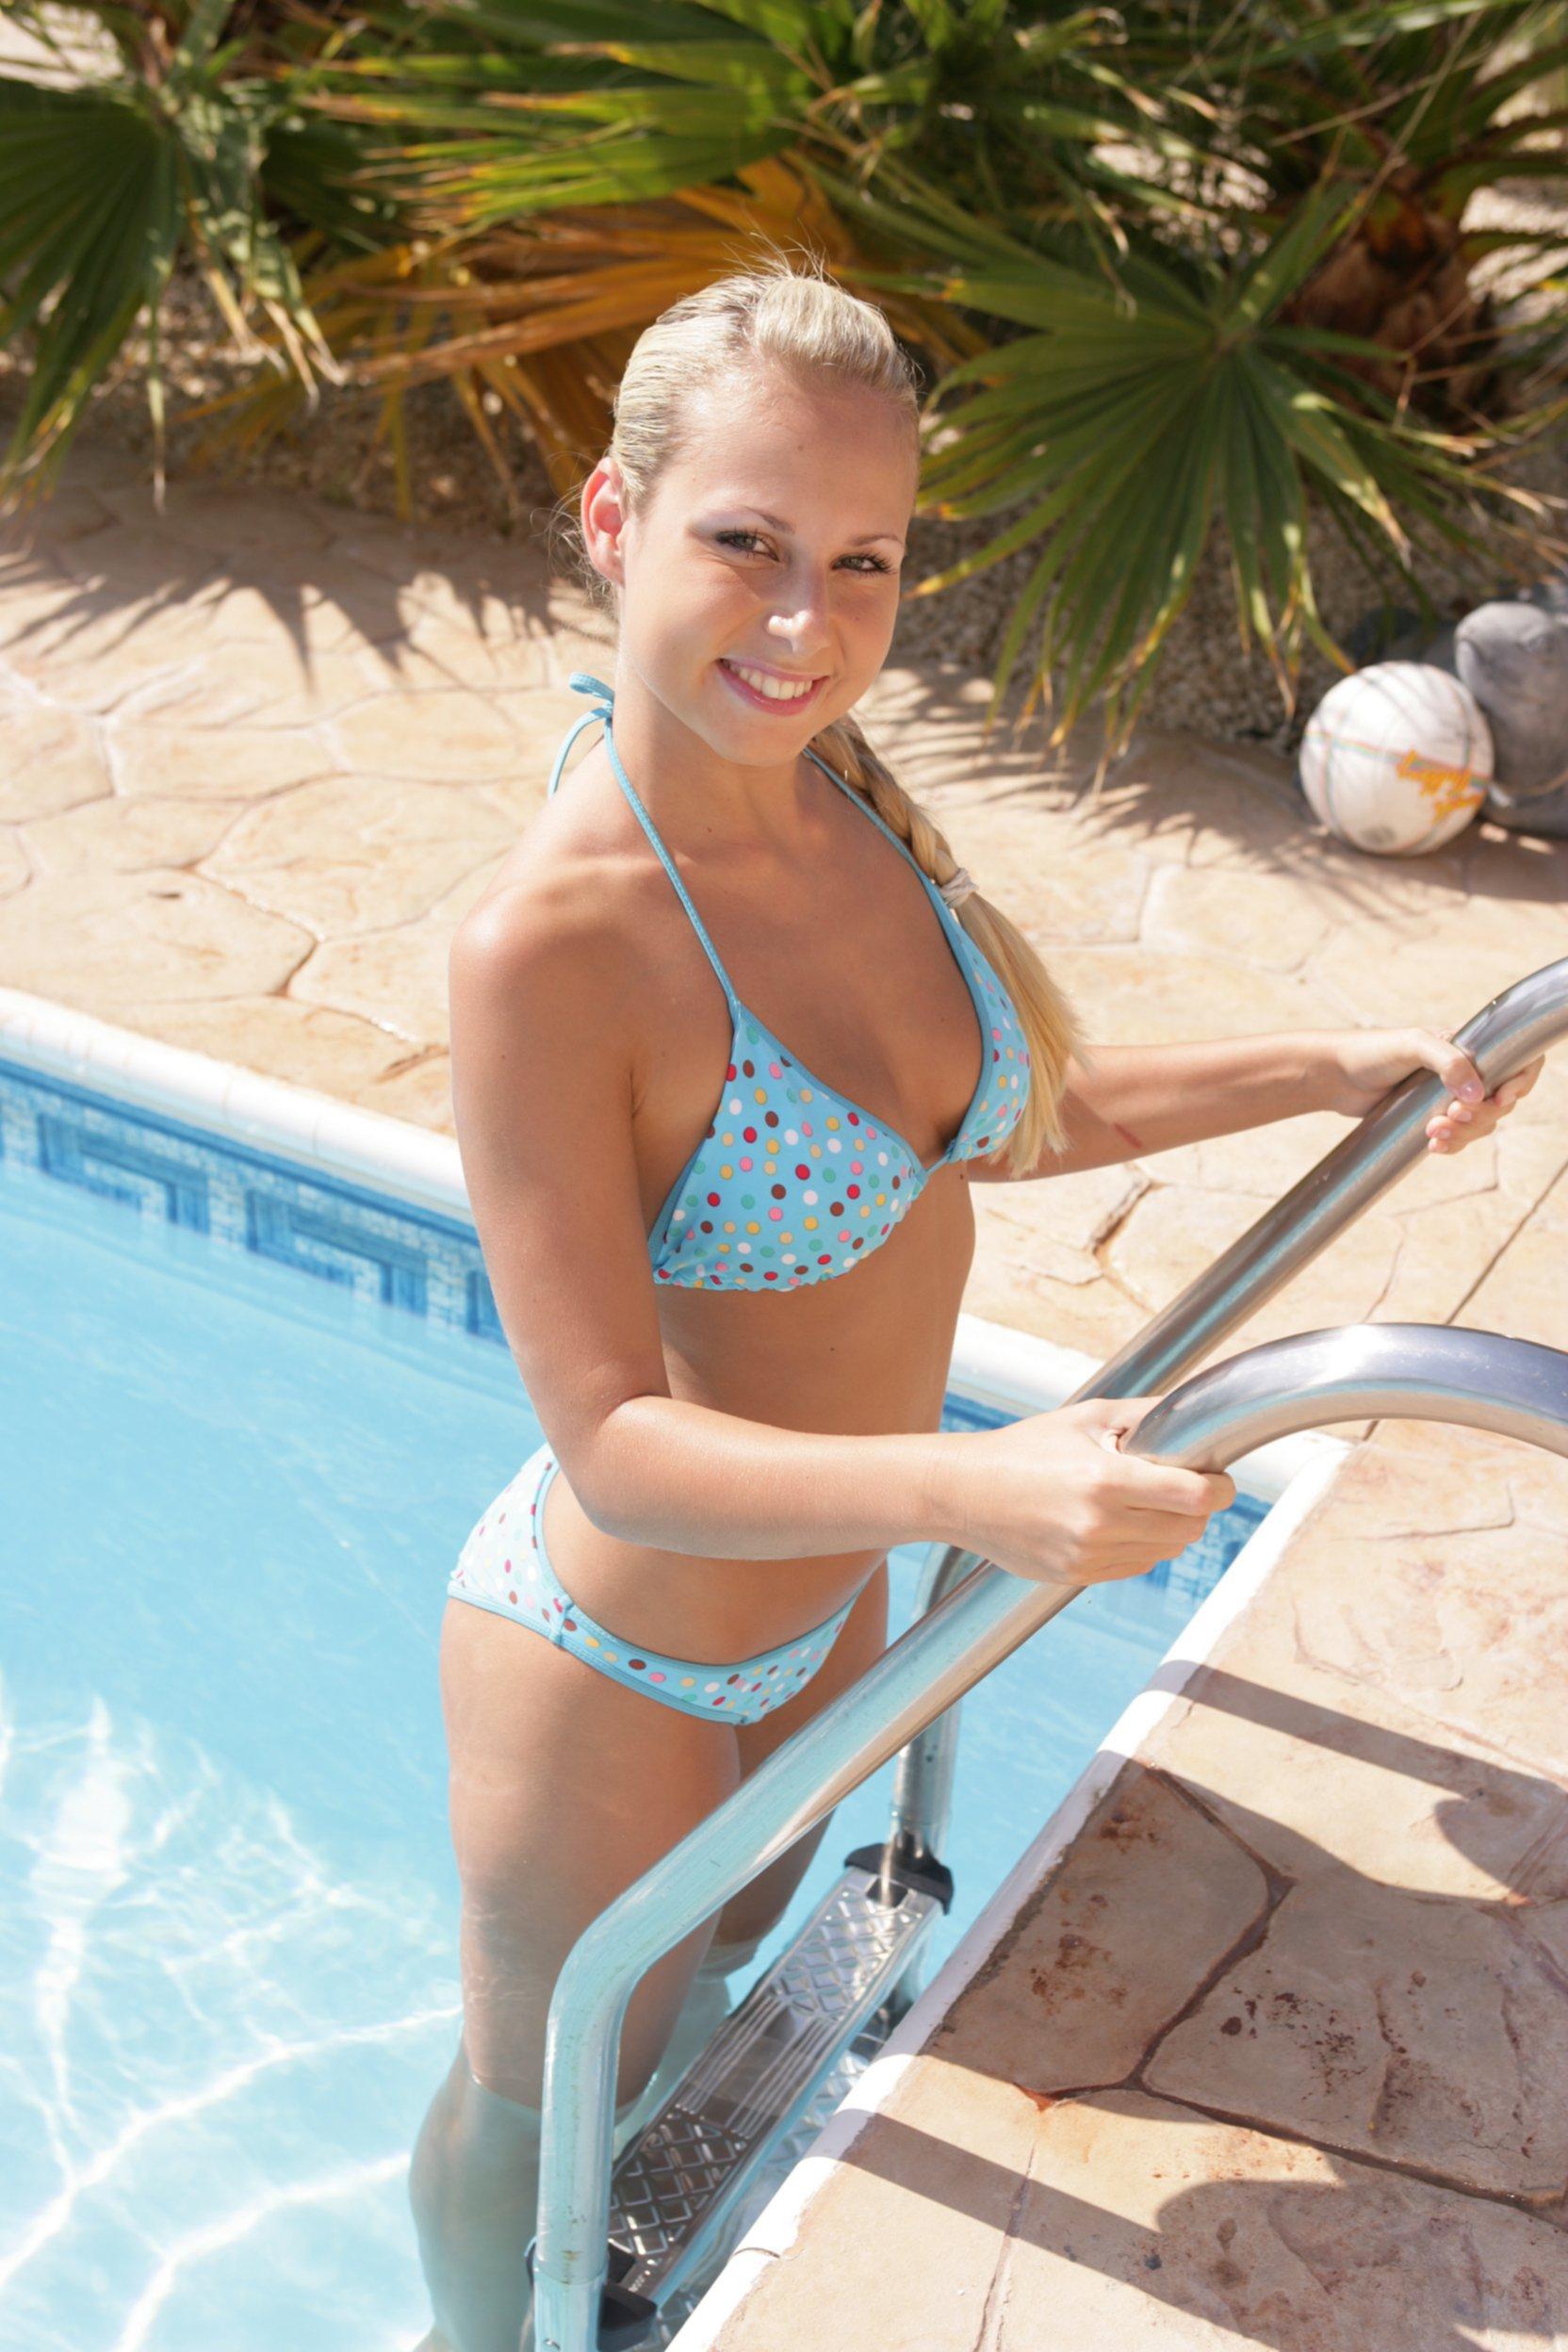 Студентка в бикини эротично сопровождает время в бассейне